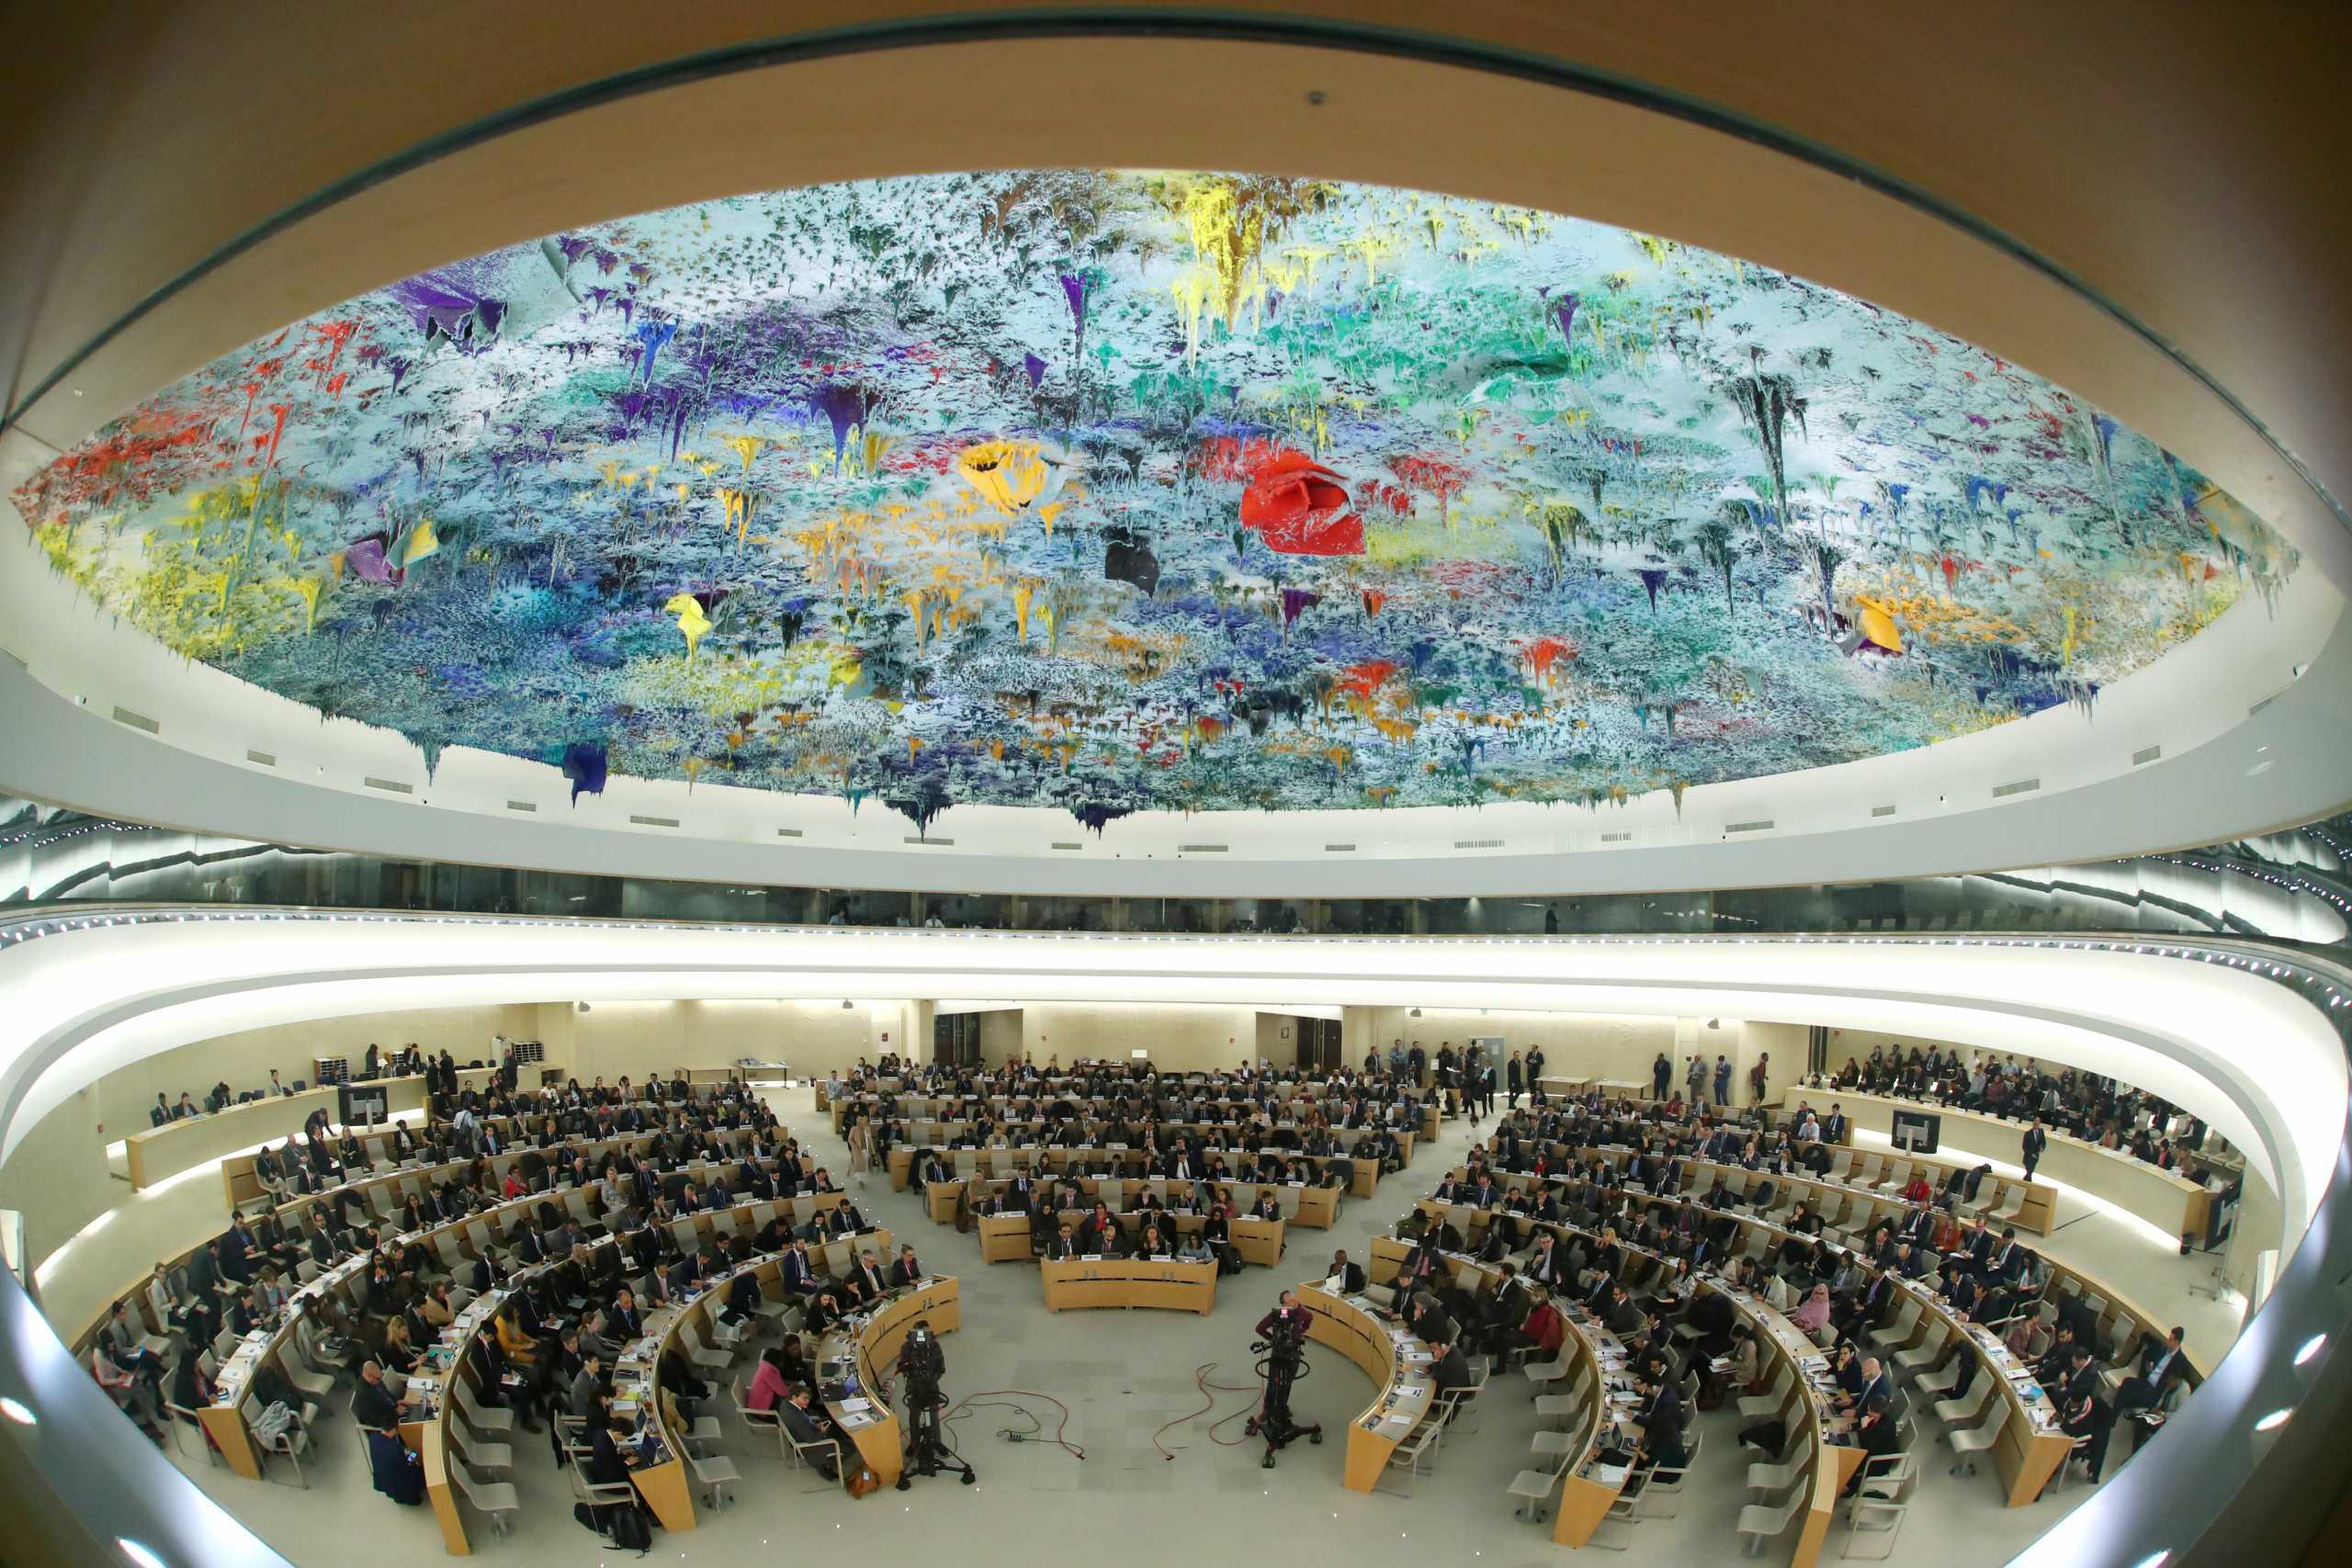 Εποχή Μπάιντεν: Οι ΗΠΑ ζητούν έδρα στο Συμβούλιο Ανθρωπίνων Δικαιωμάτων του ΟΗΕ